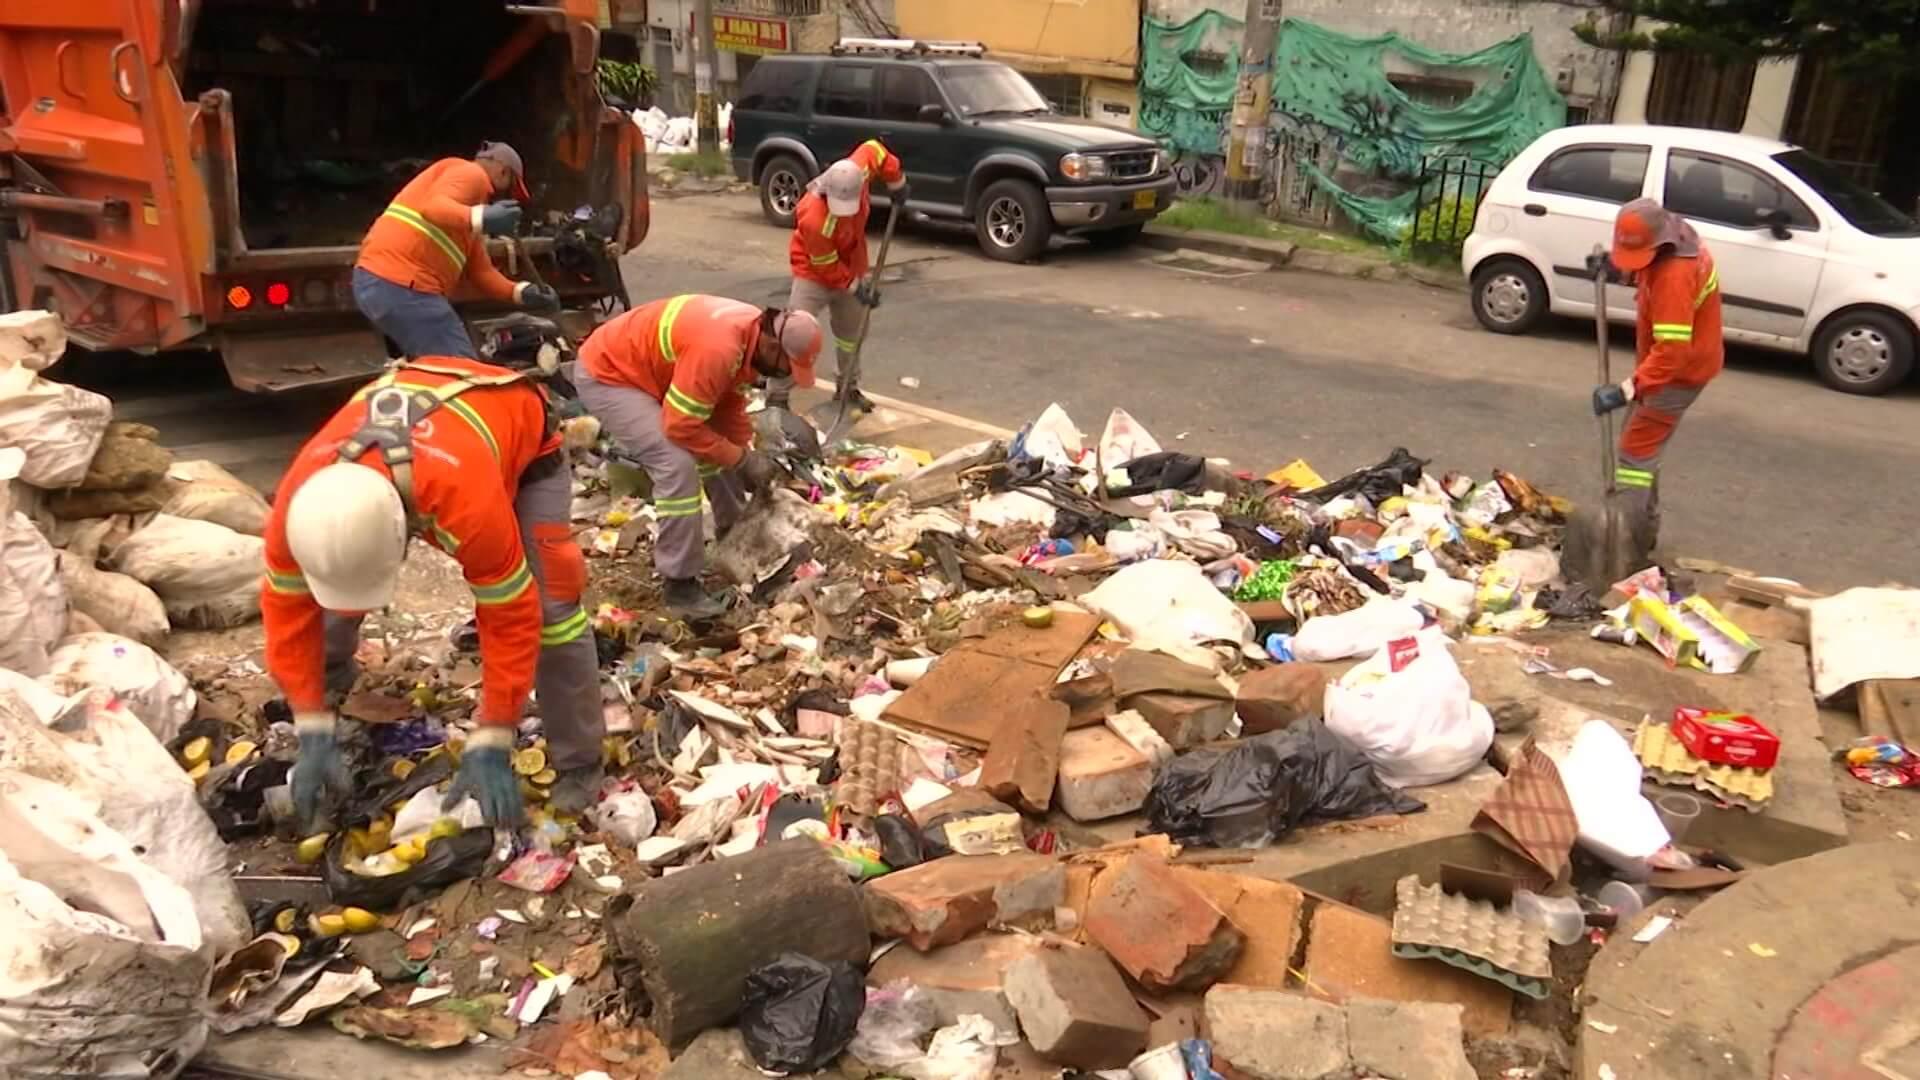 Basuras ocasionan inundaciones en estaciones Metroplús